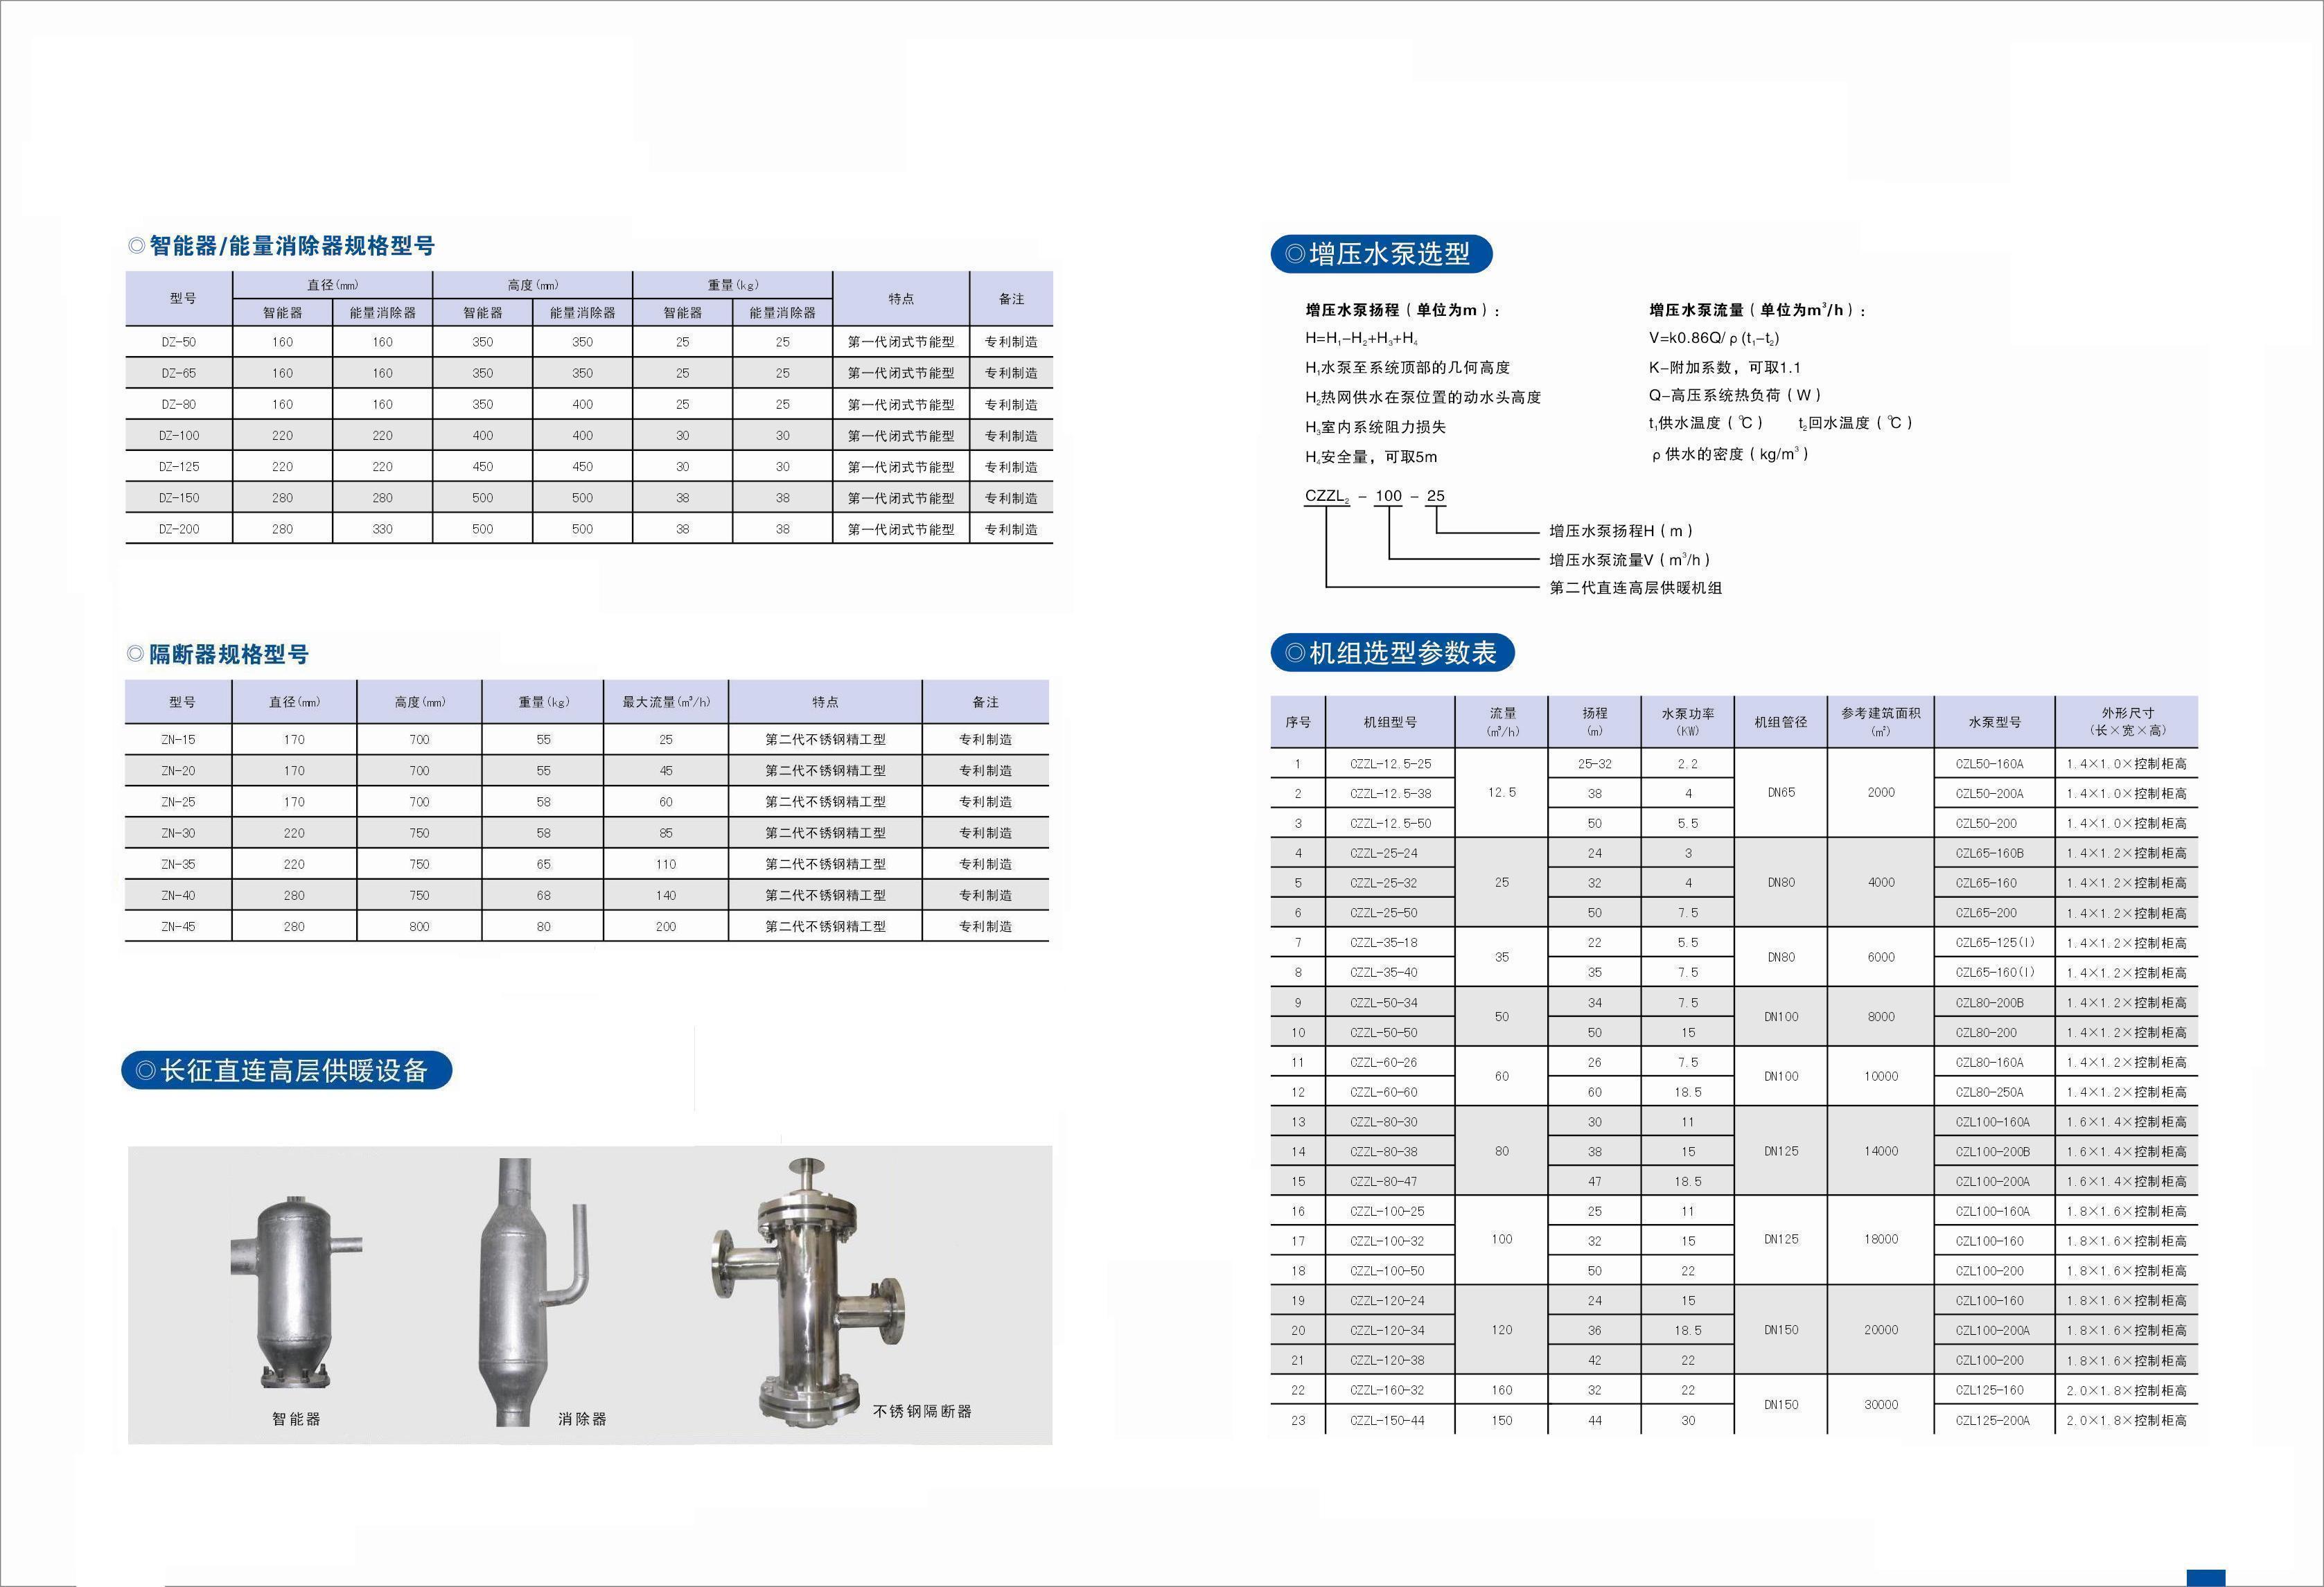 直连高层供暖-上海长征泵阀有限公司